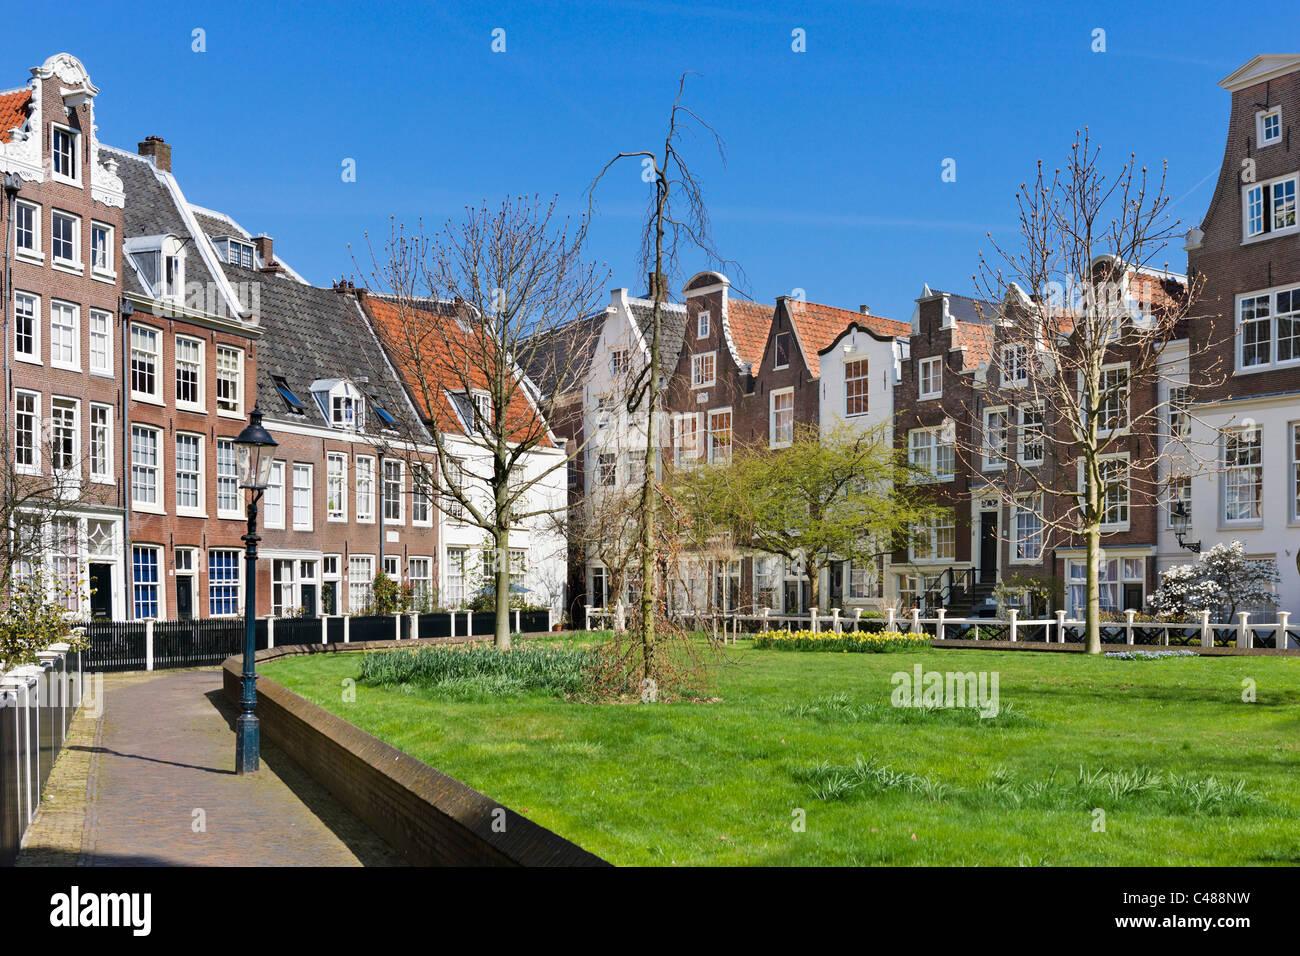 Historic houses in the Begijnhof, Amsterdam, Netherlands - Stock Image